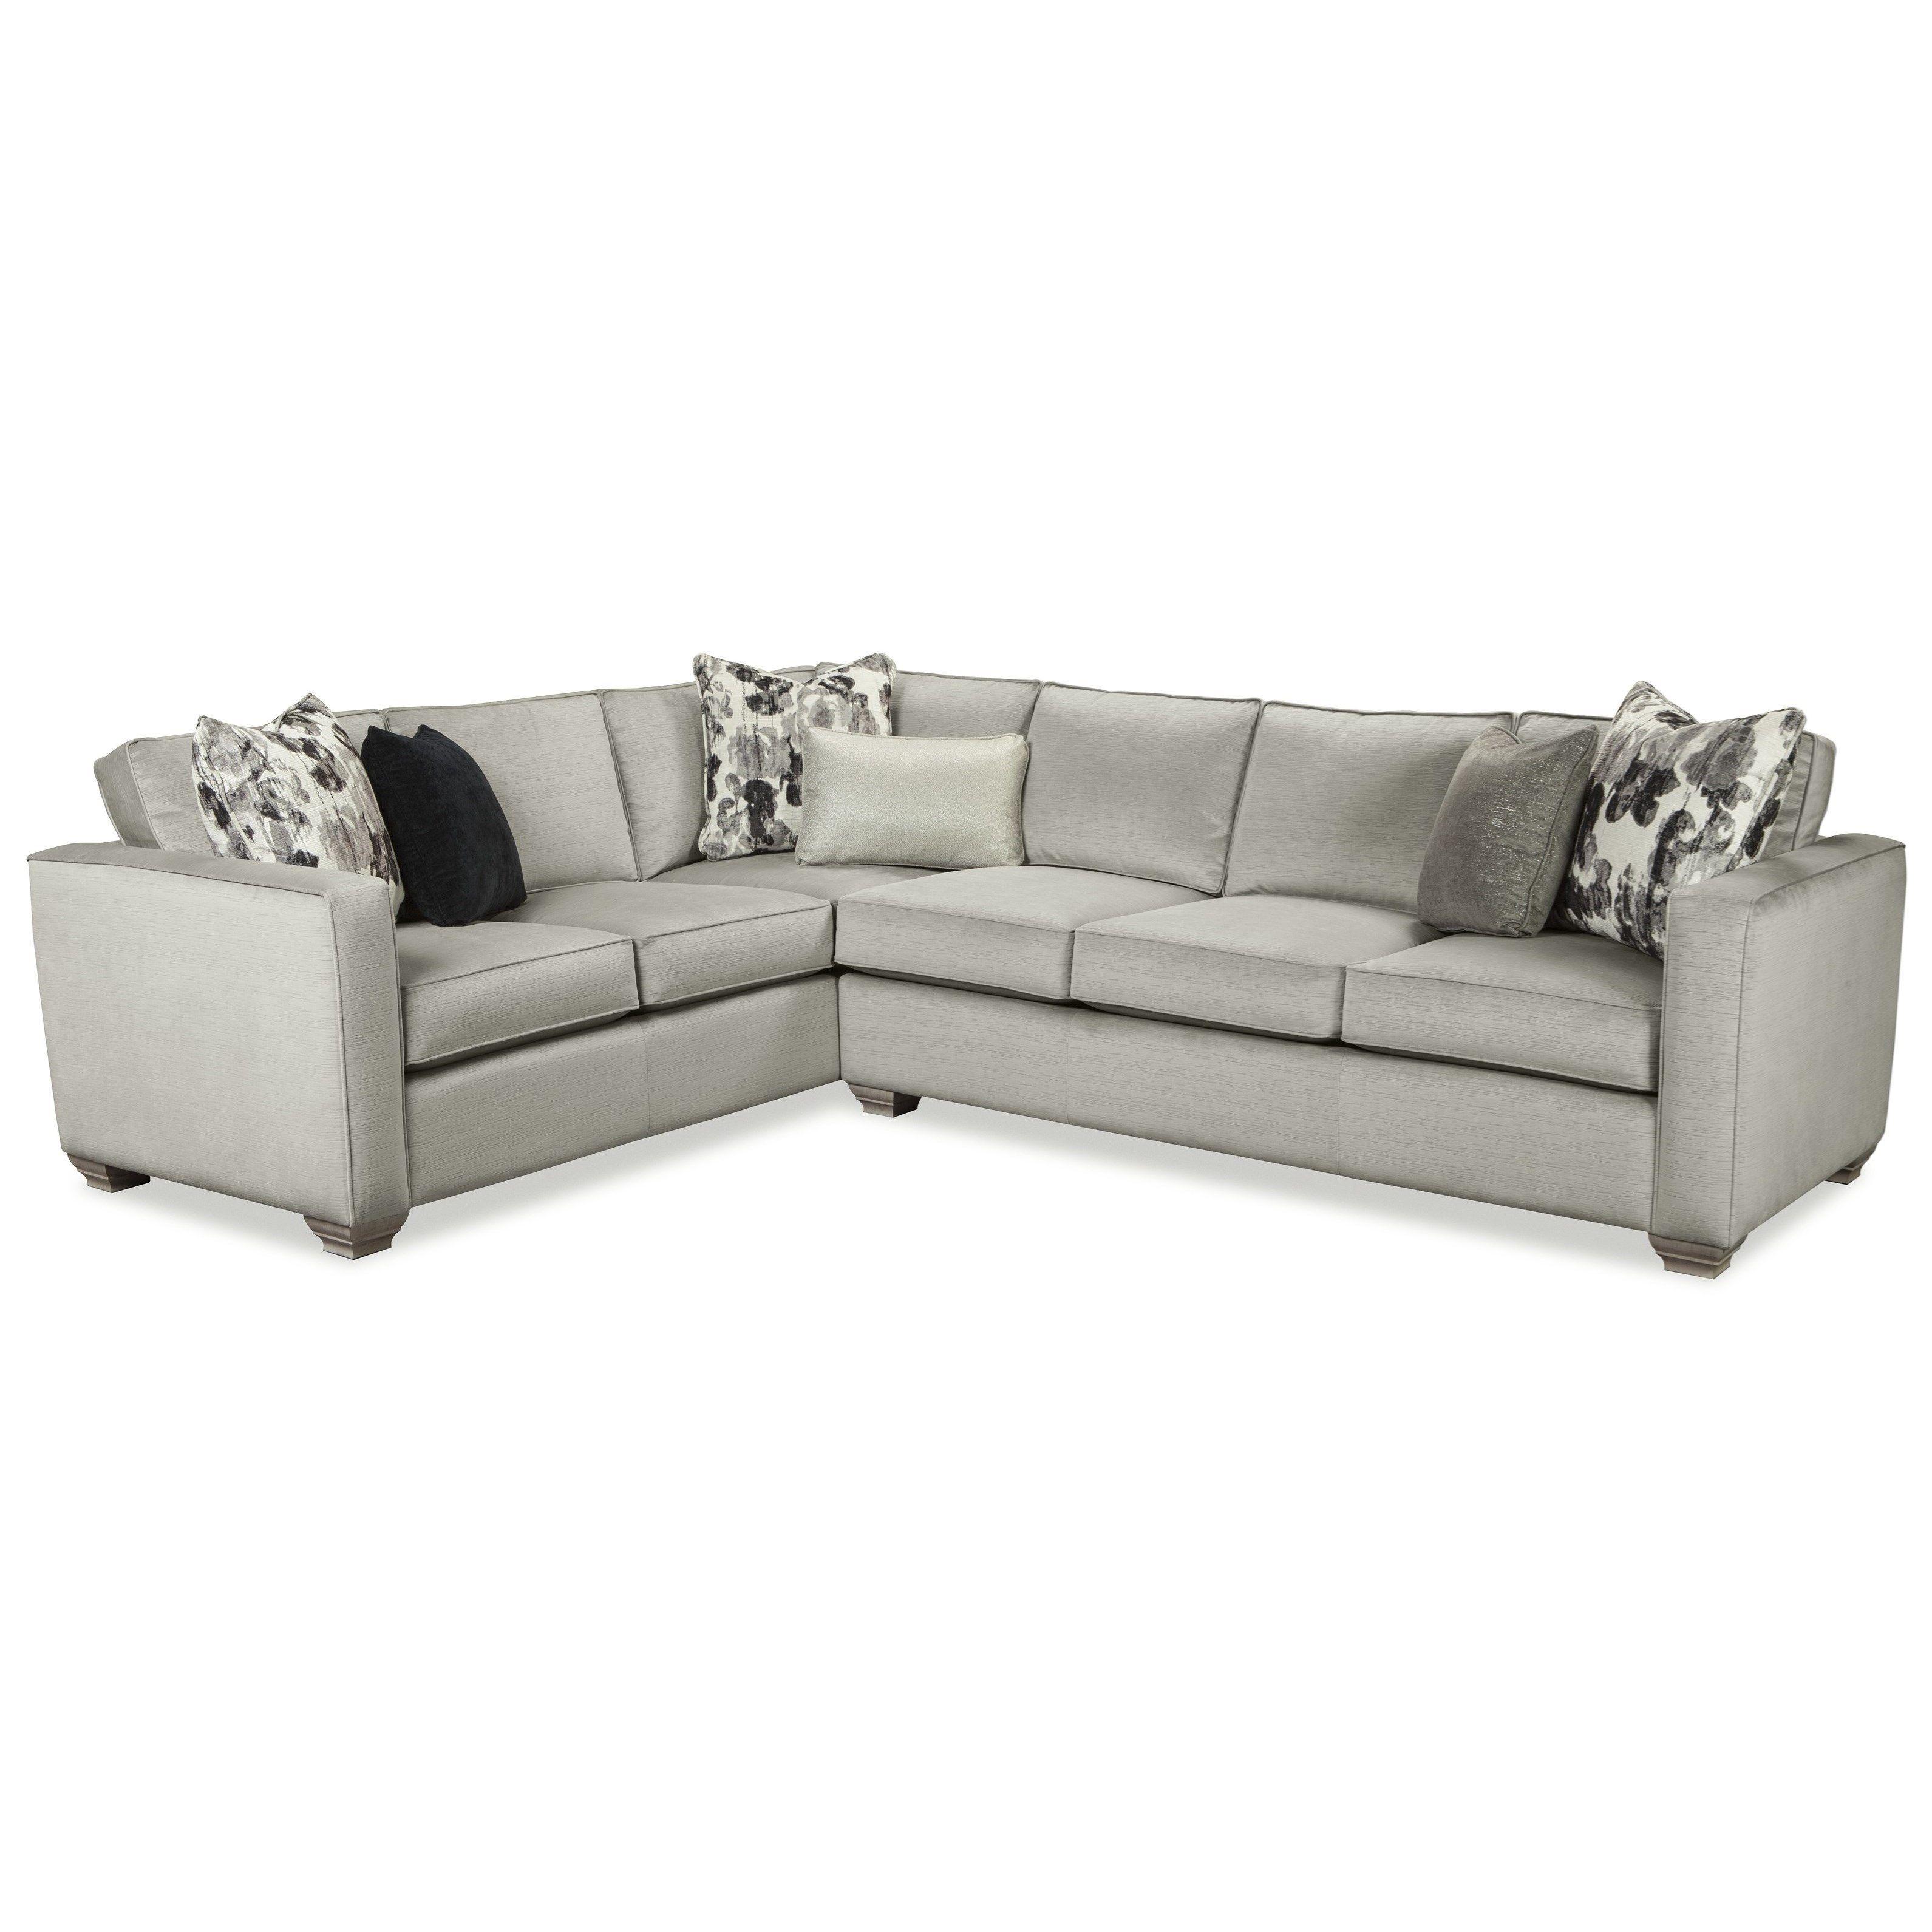 Laf Sofa Return By Rachael Ray